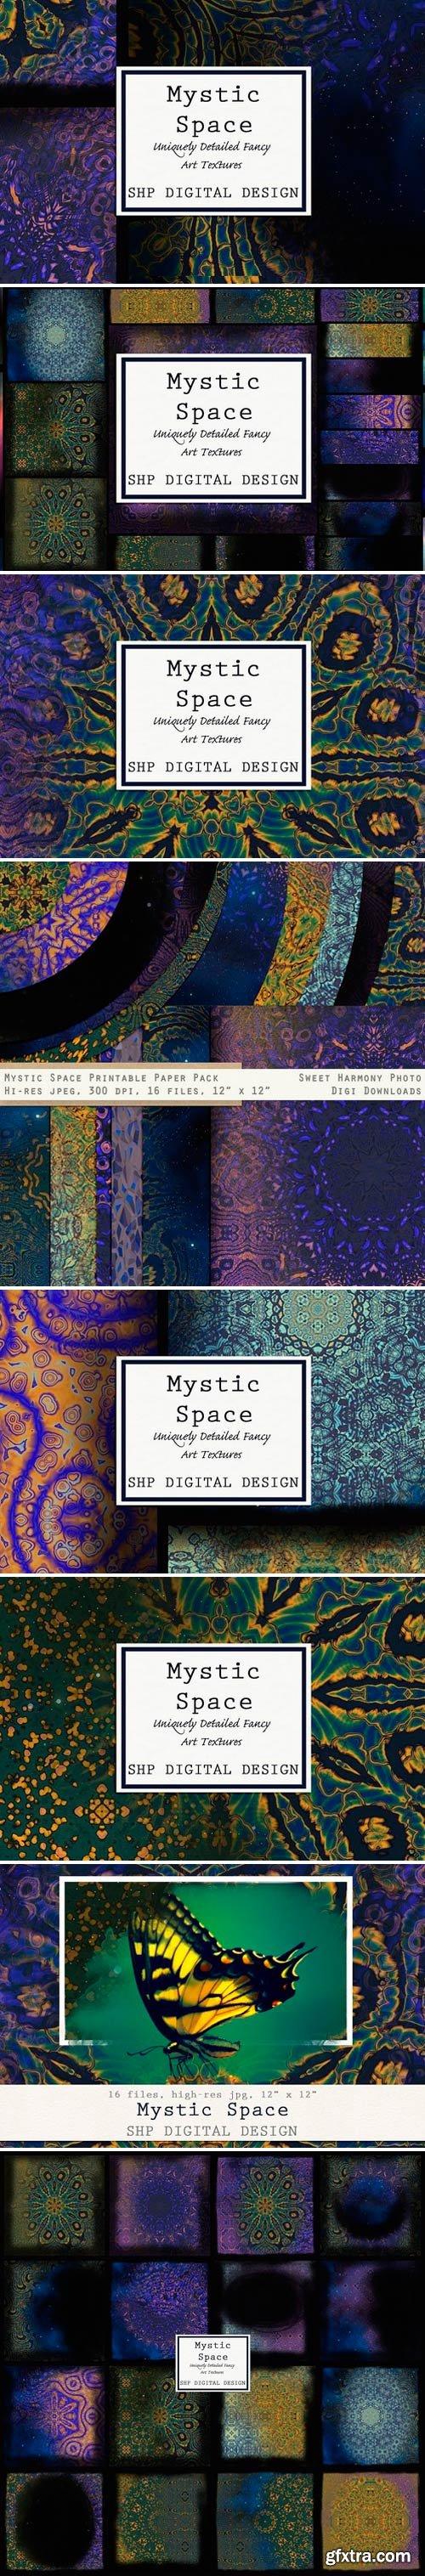 CM - Mystic Space - Dream Landscapes 2487599